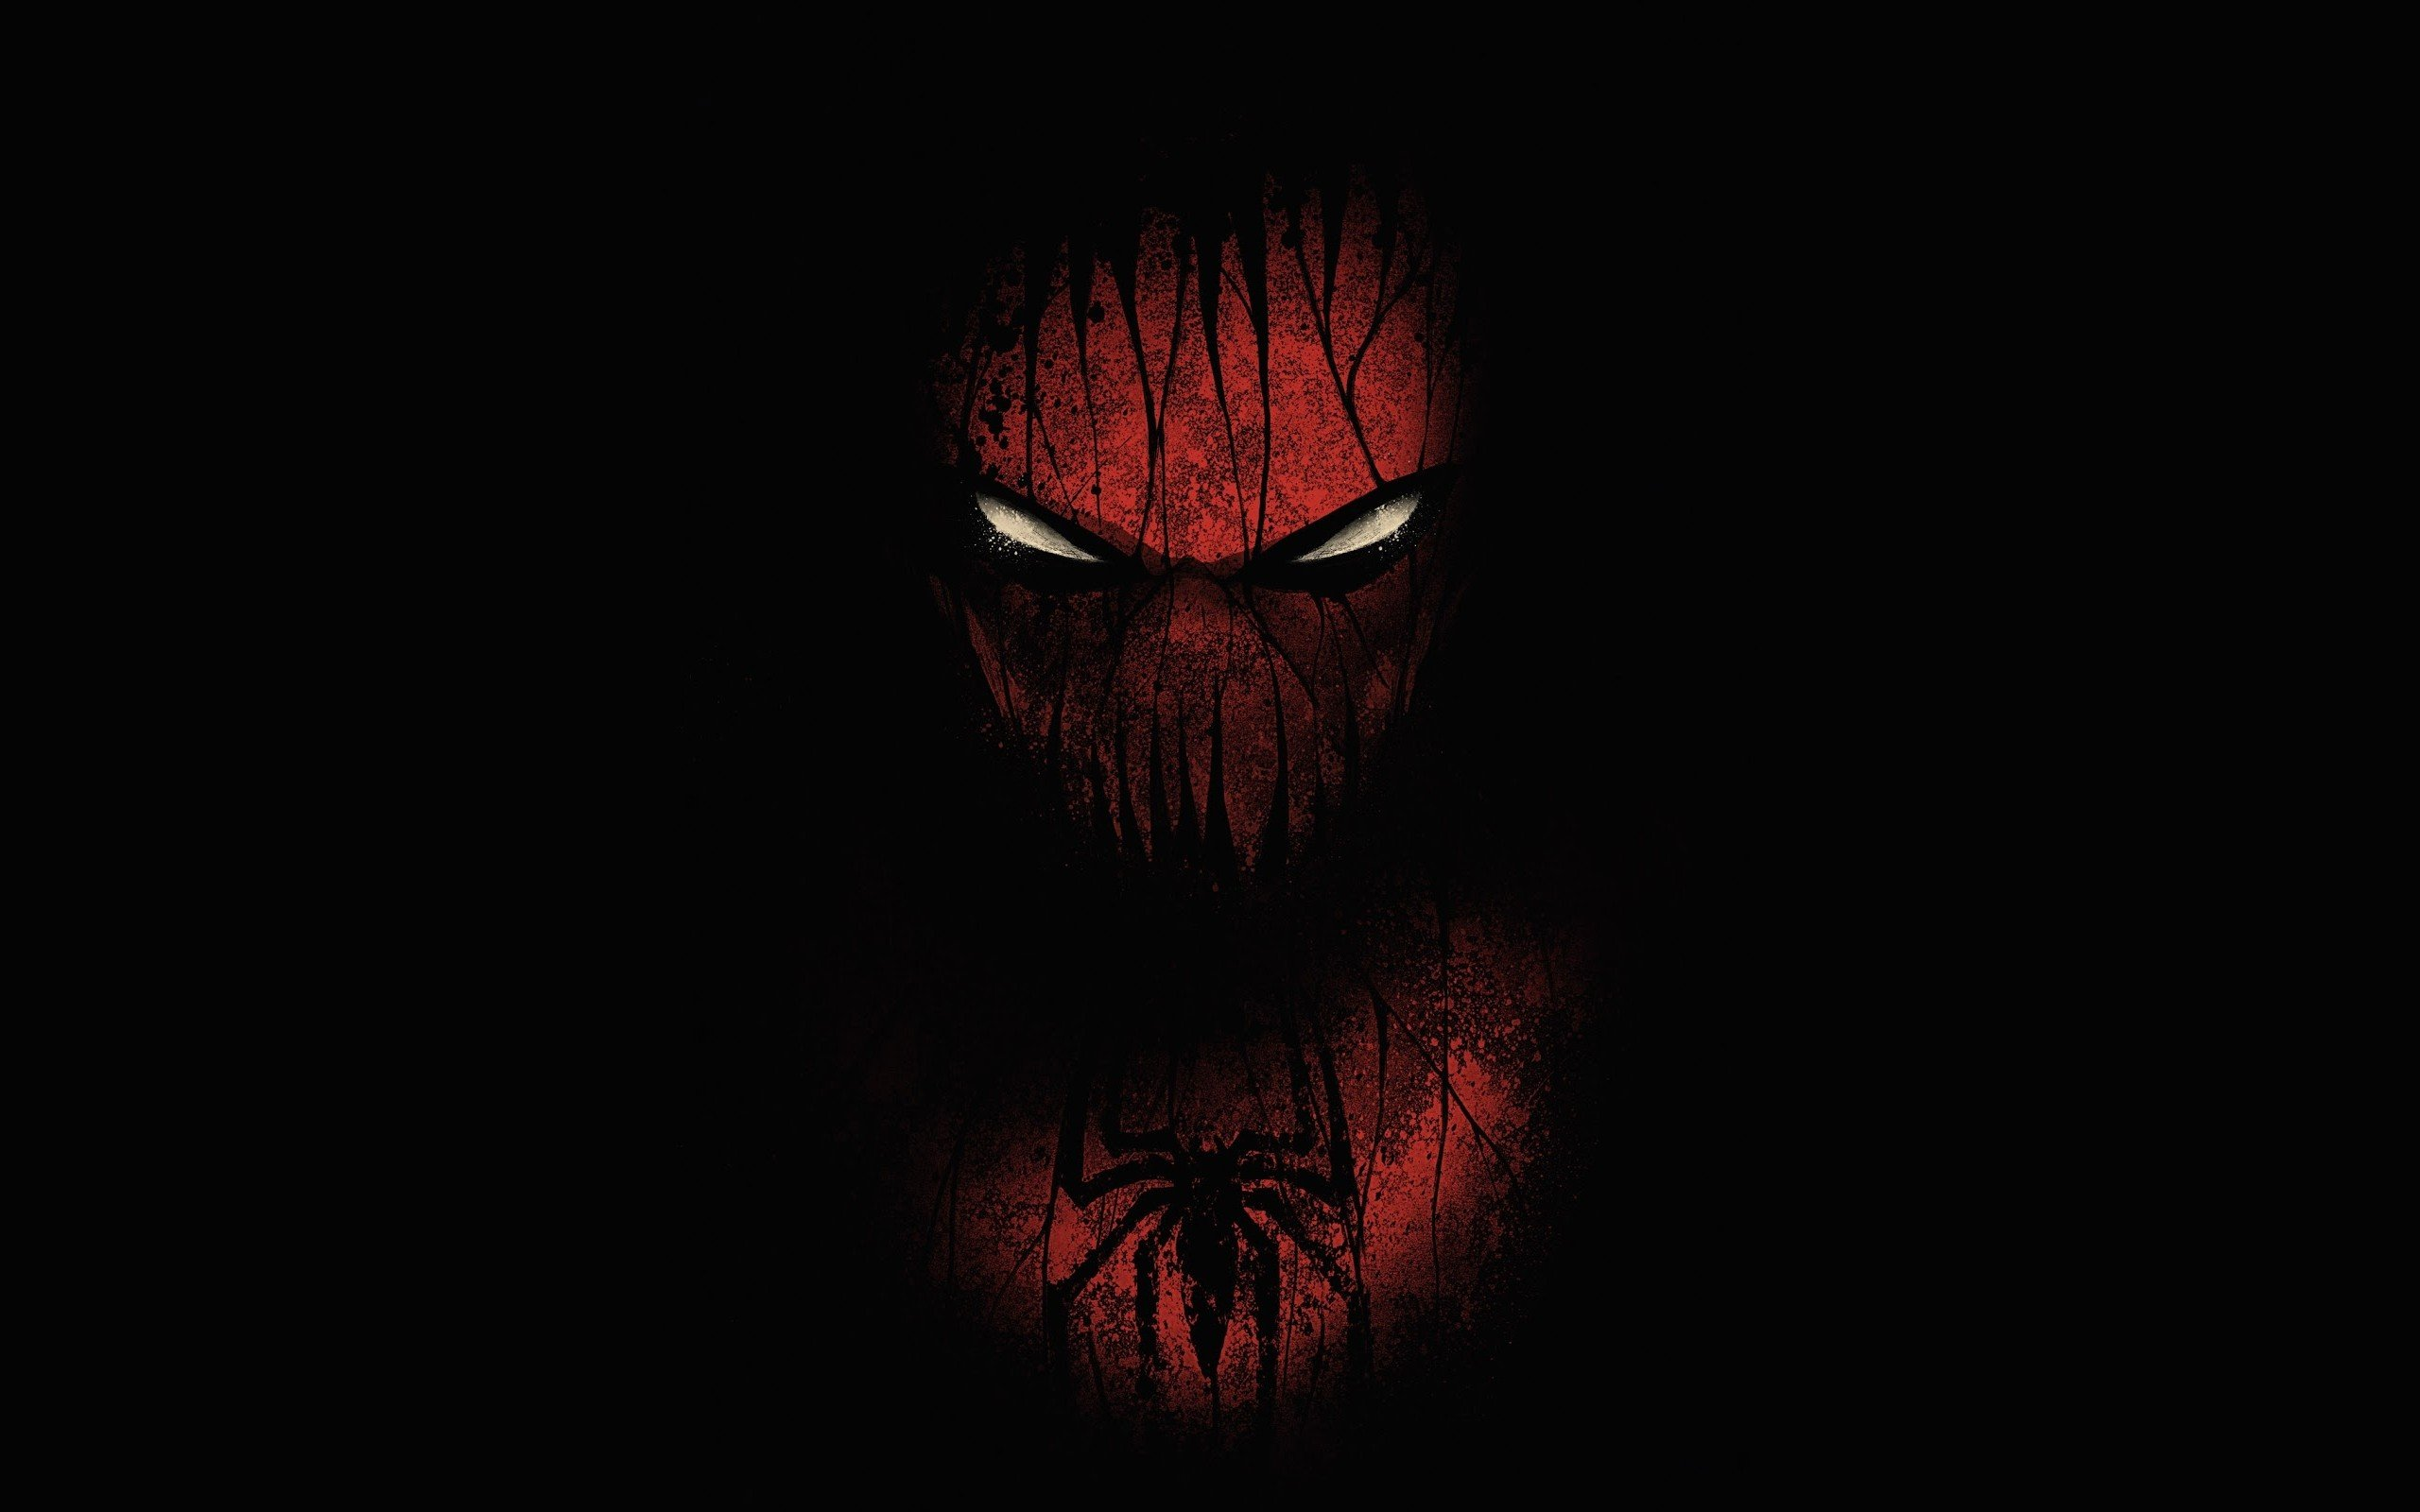 Red Black Spiderman Hd Superheroes 4k Wallpapers Images